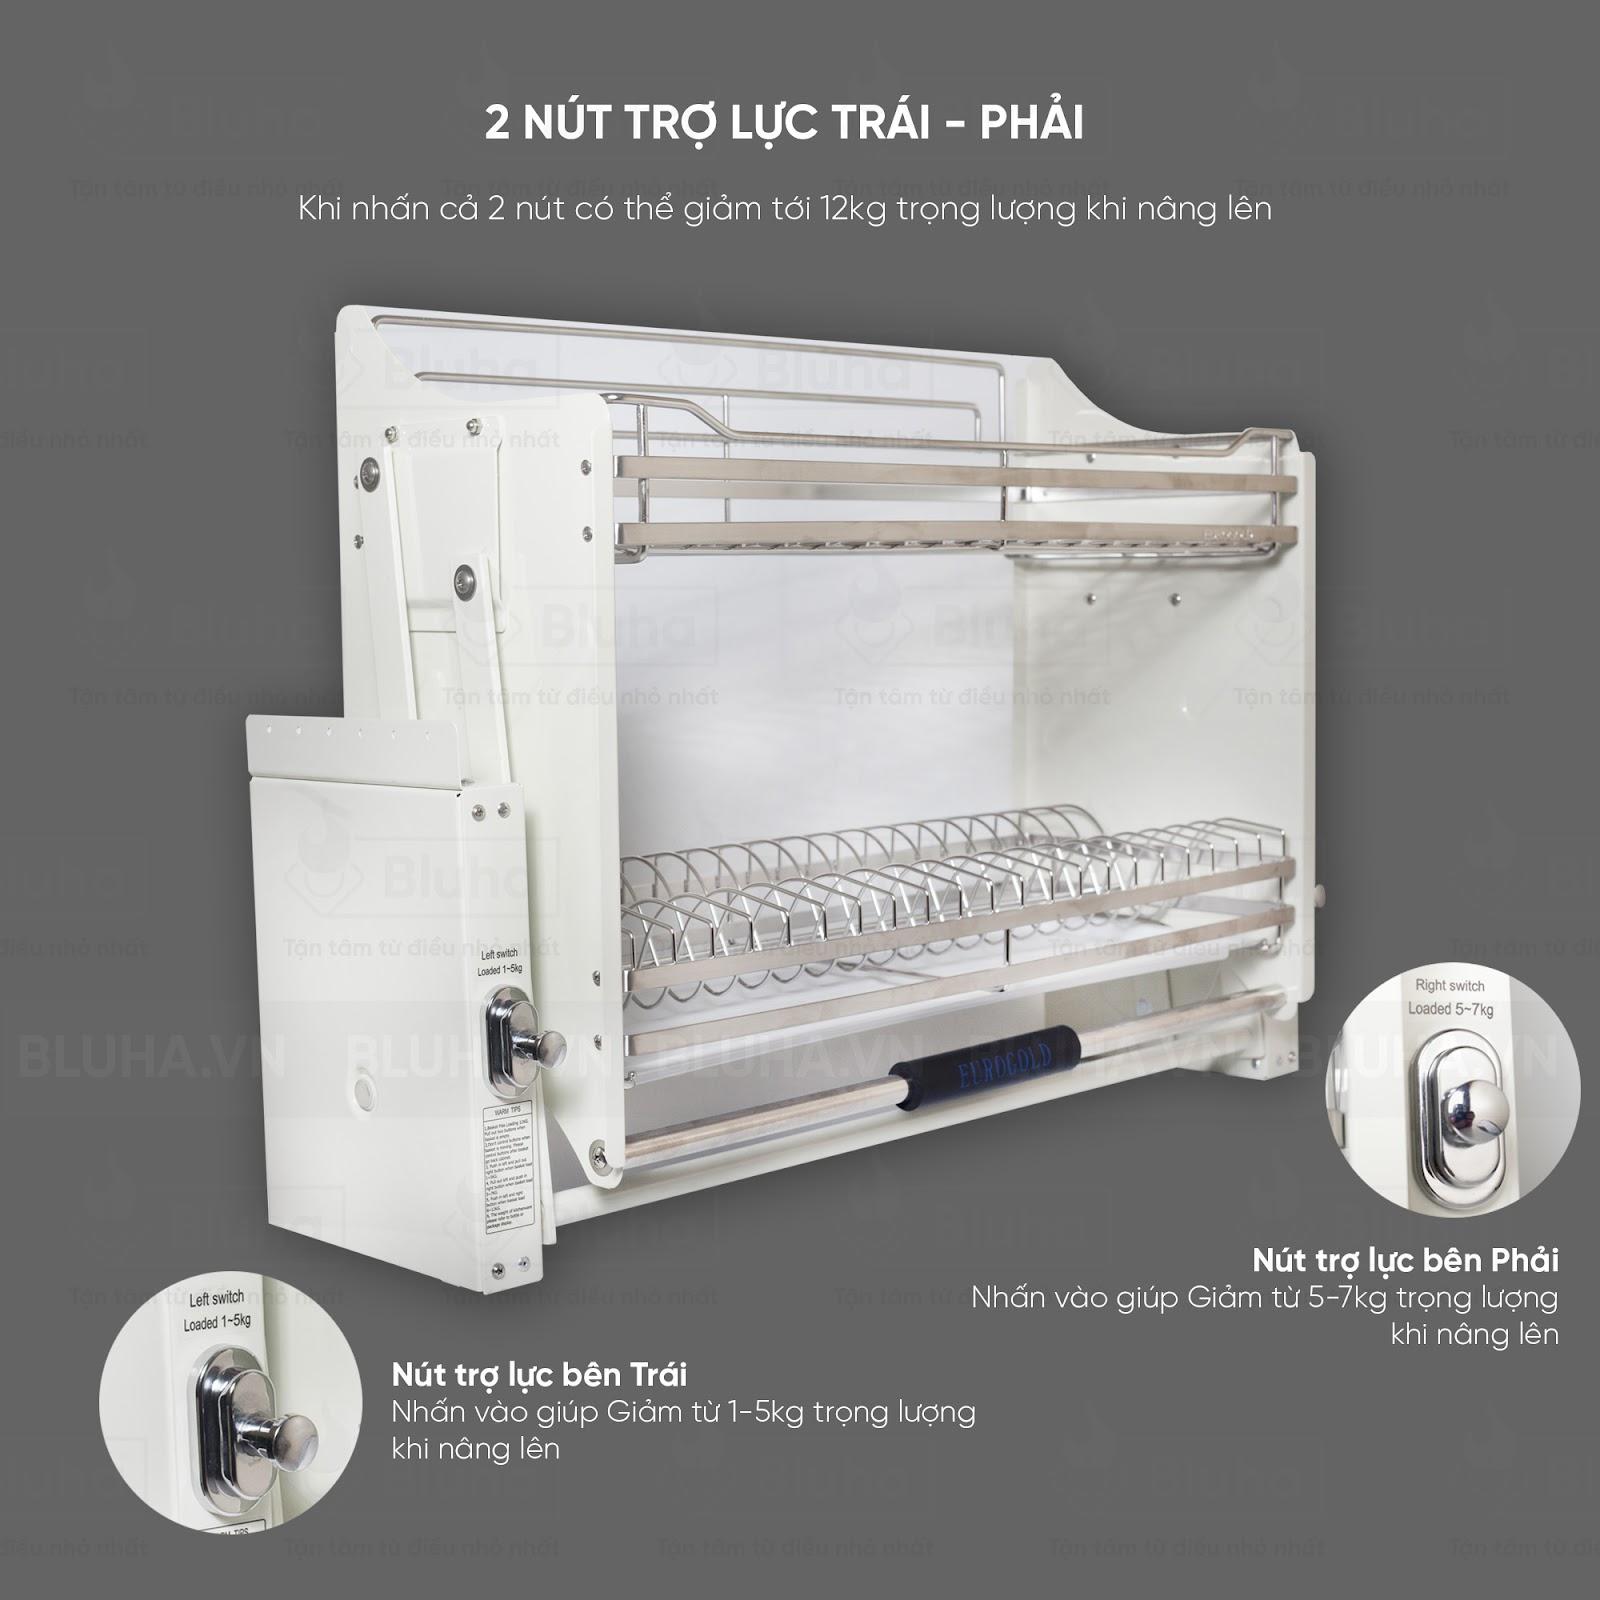 2 nút trợ lực thiết kế linh hoạt - Giá bát nâng hạ Inox EVI.180 - Phụ kiện bếp chính hãng